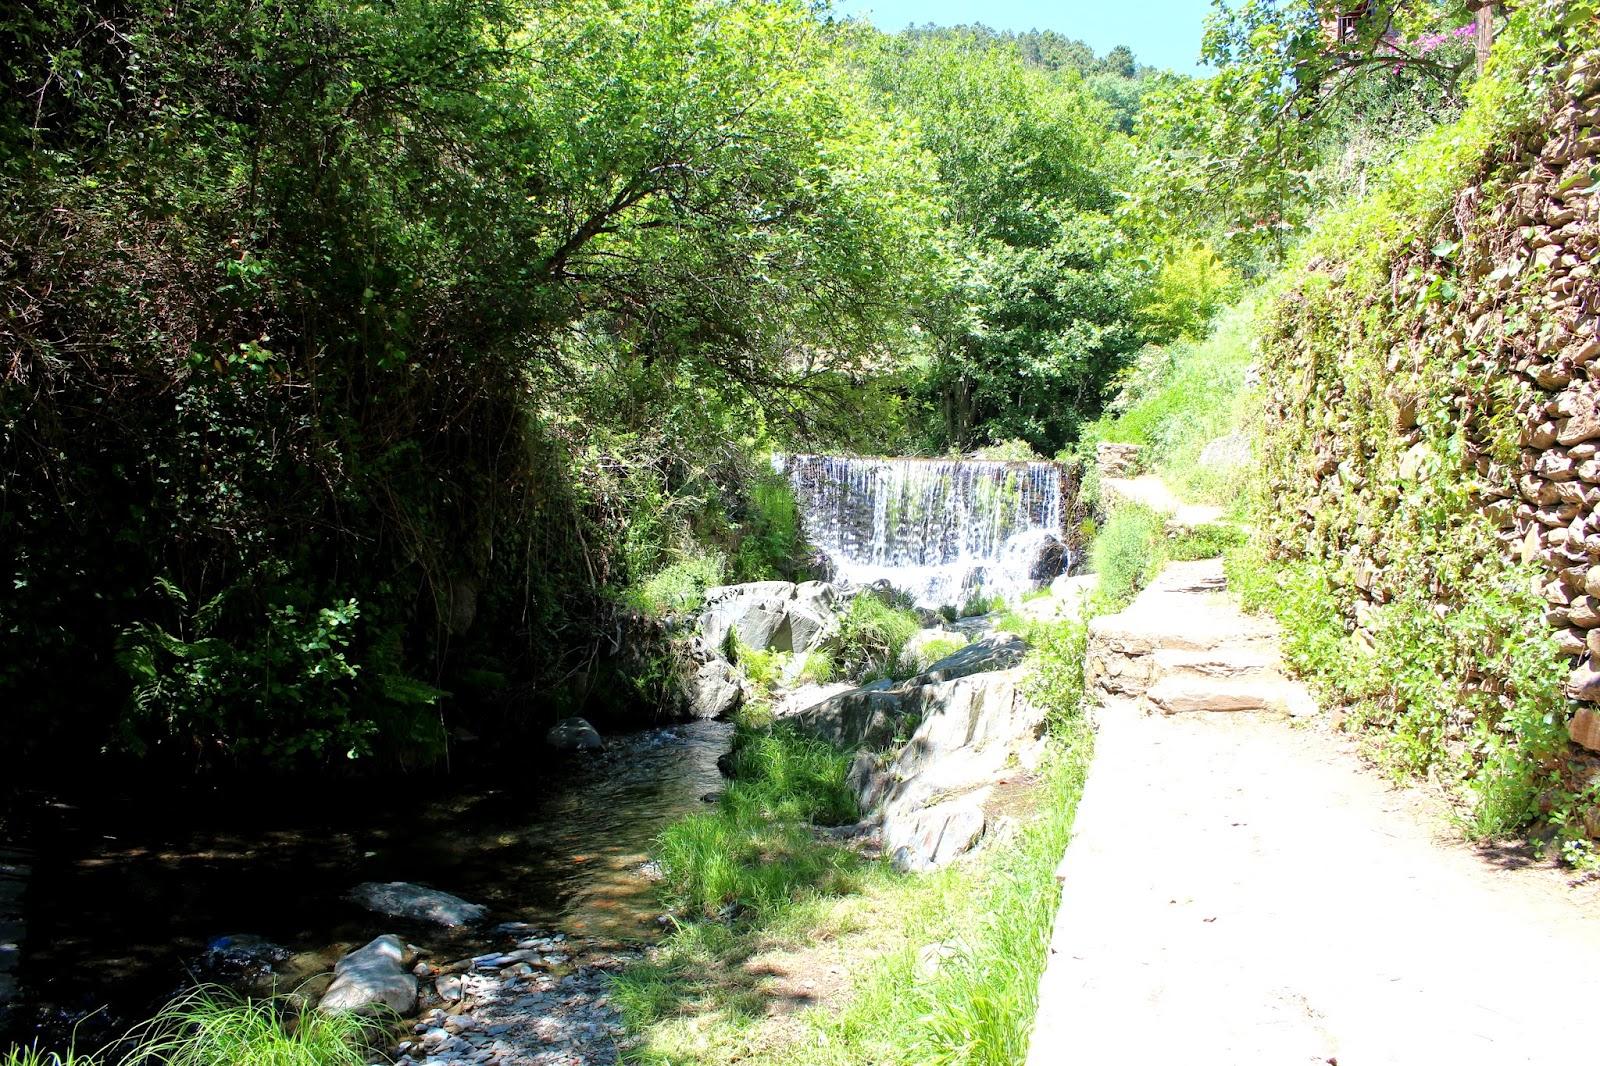 Río Árrago en Robledillo de Gata (Cäceres)